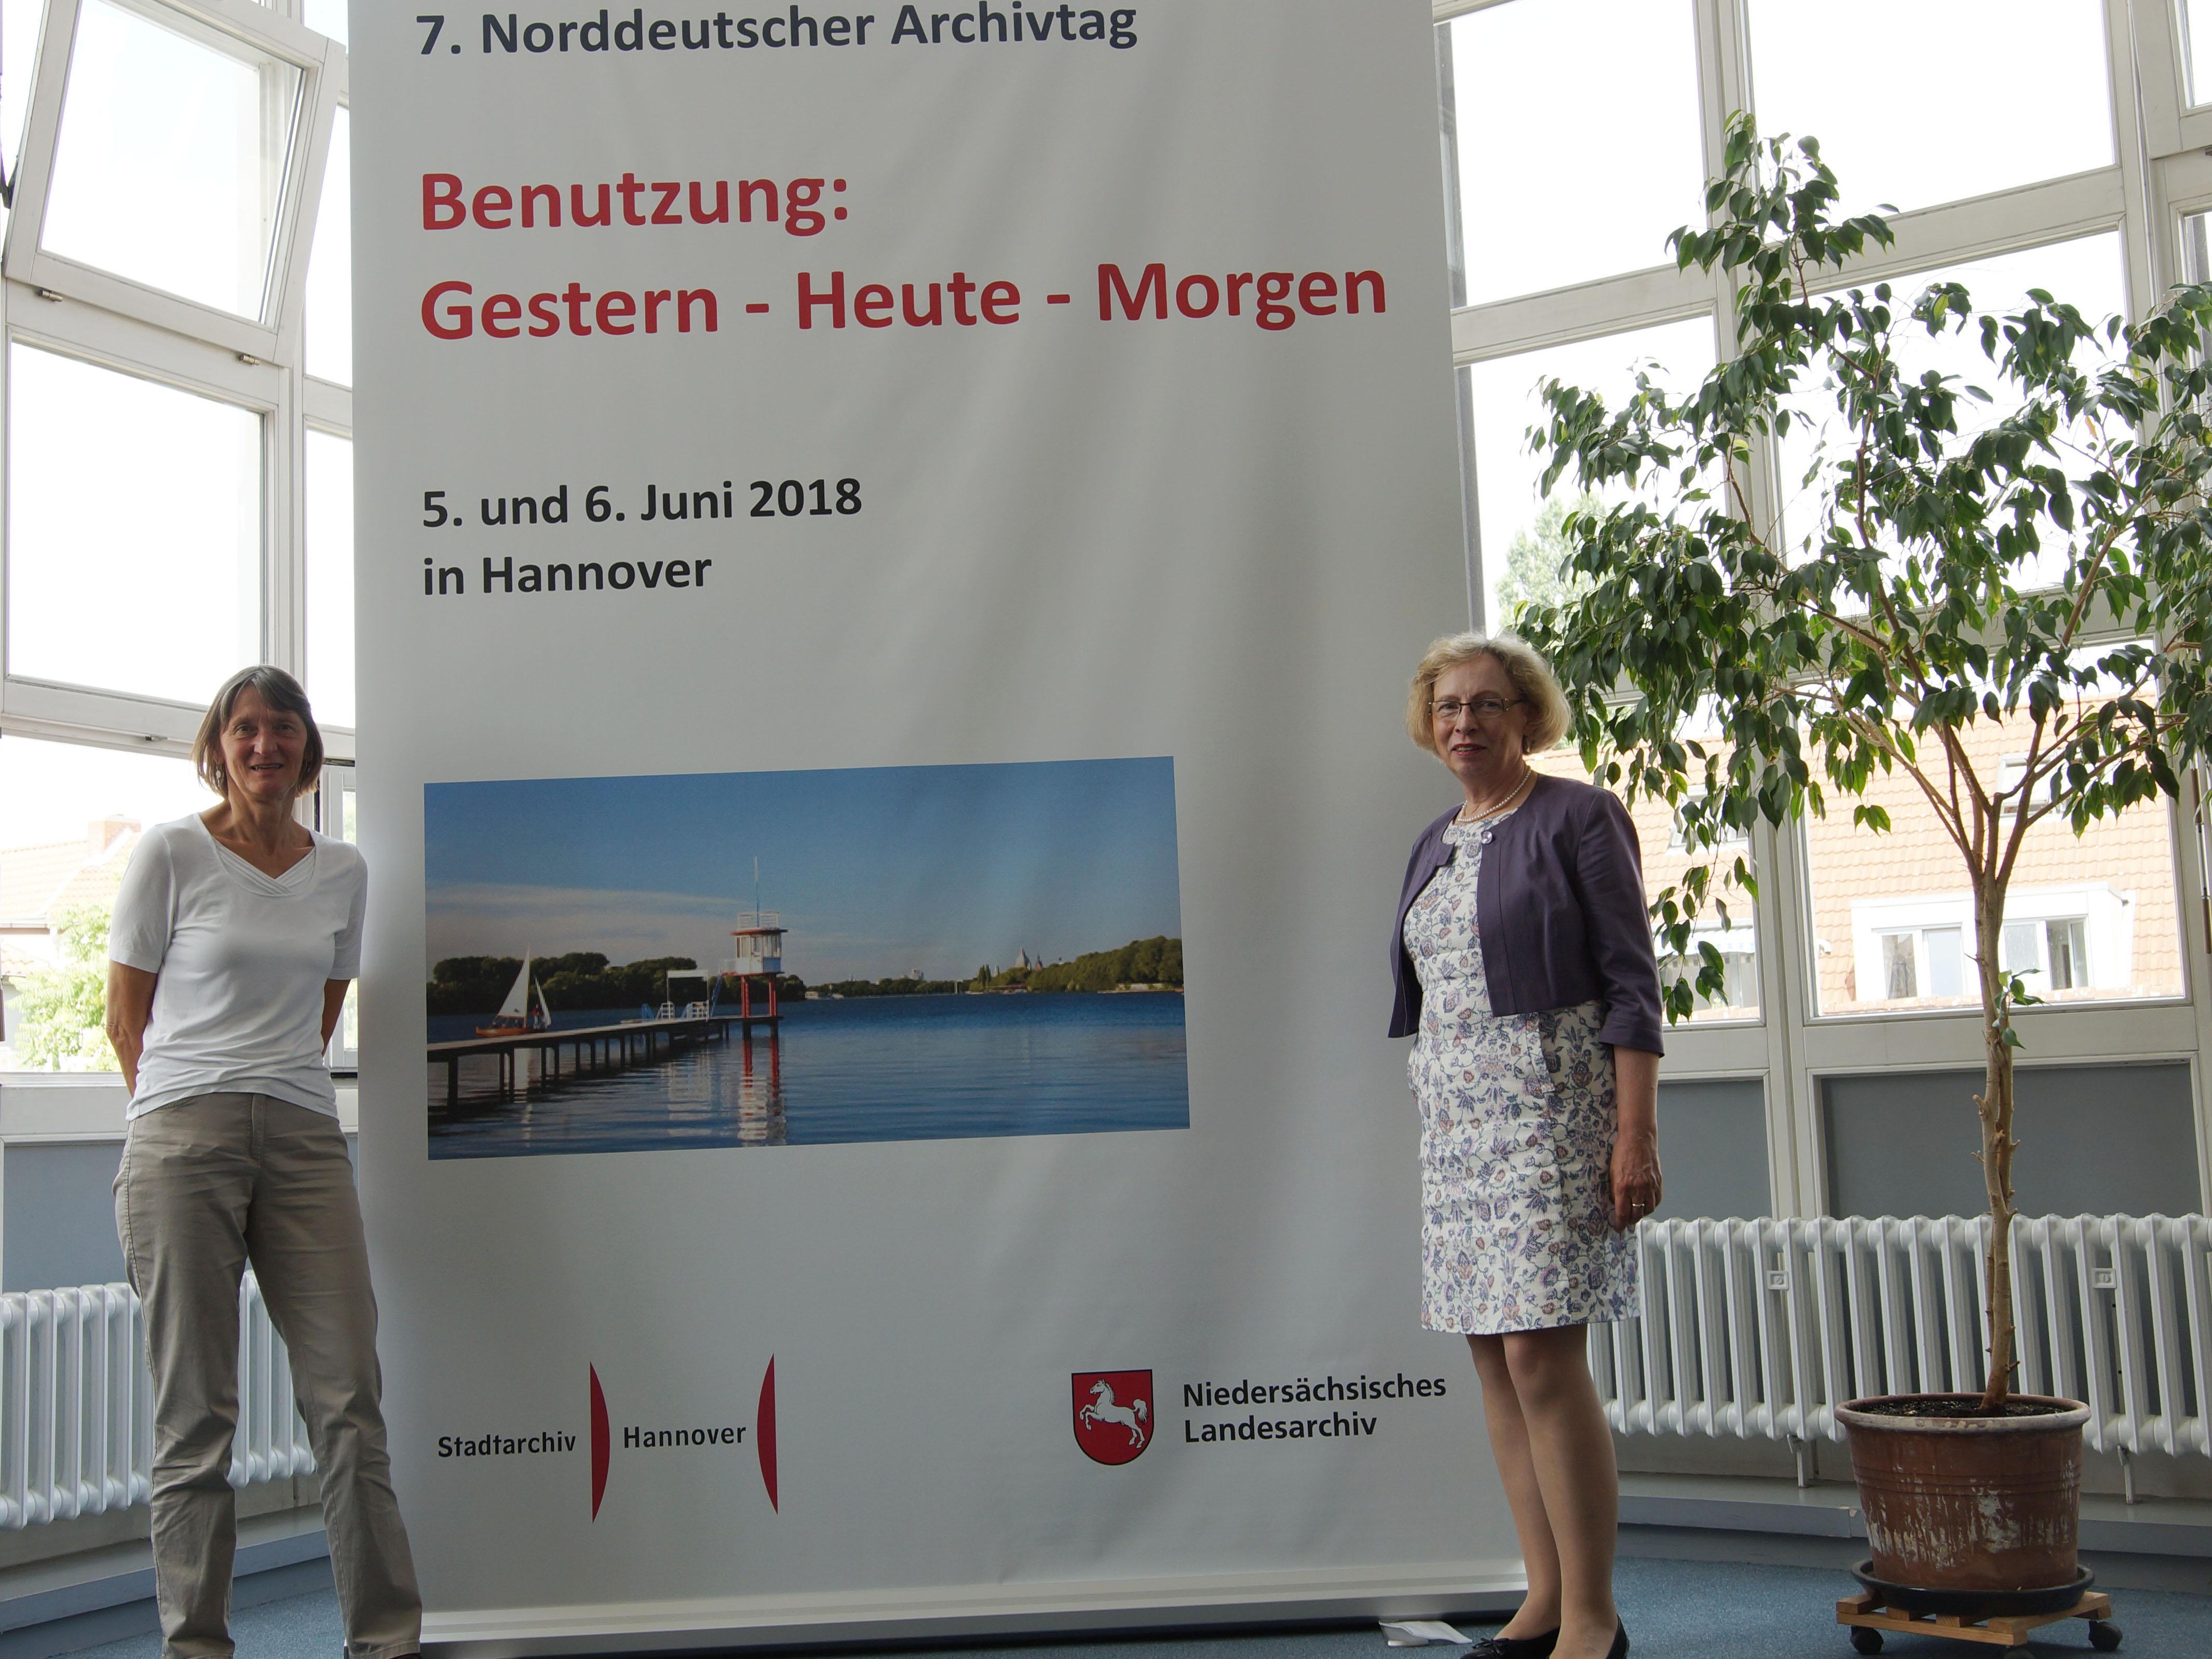 Zwei Frauen neben einem Plakat